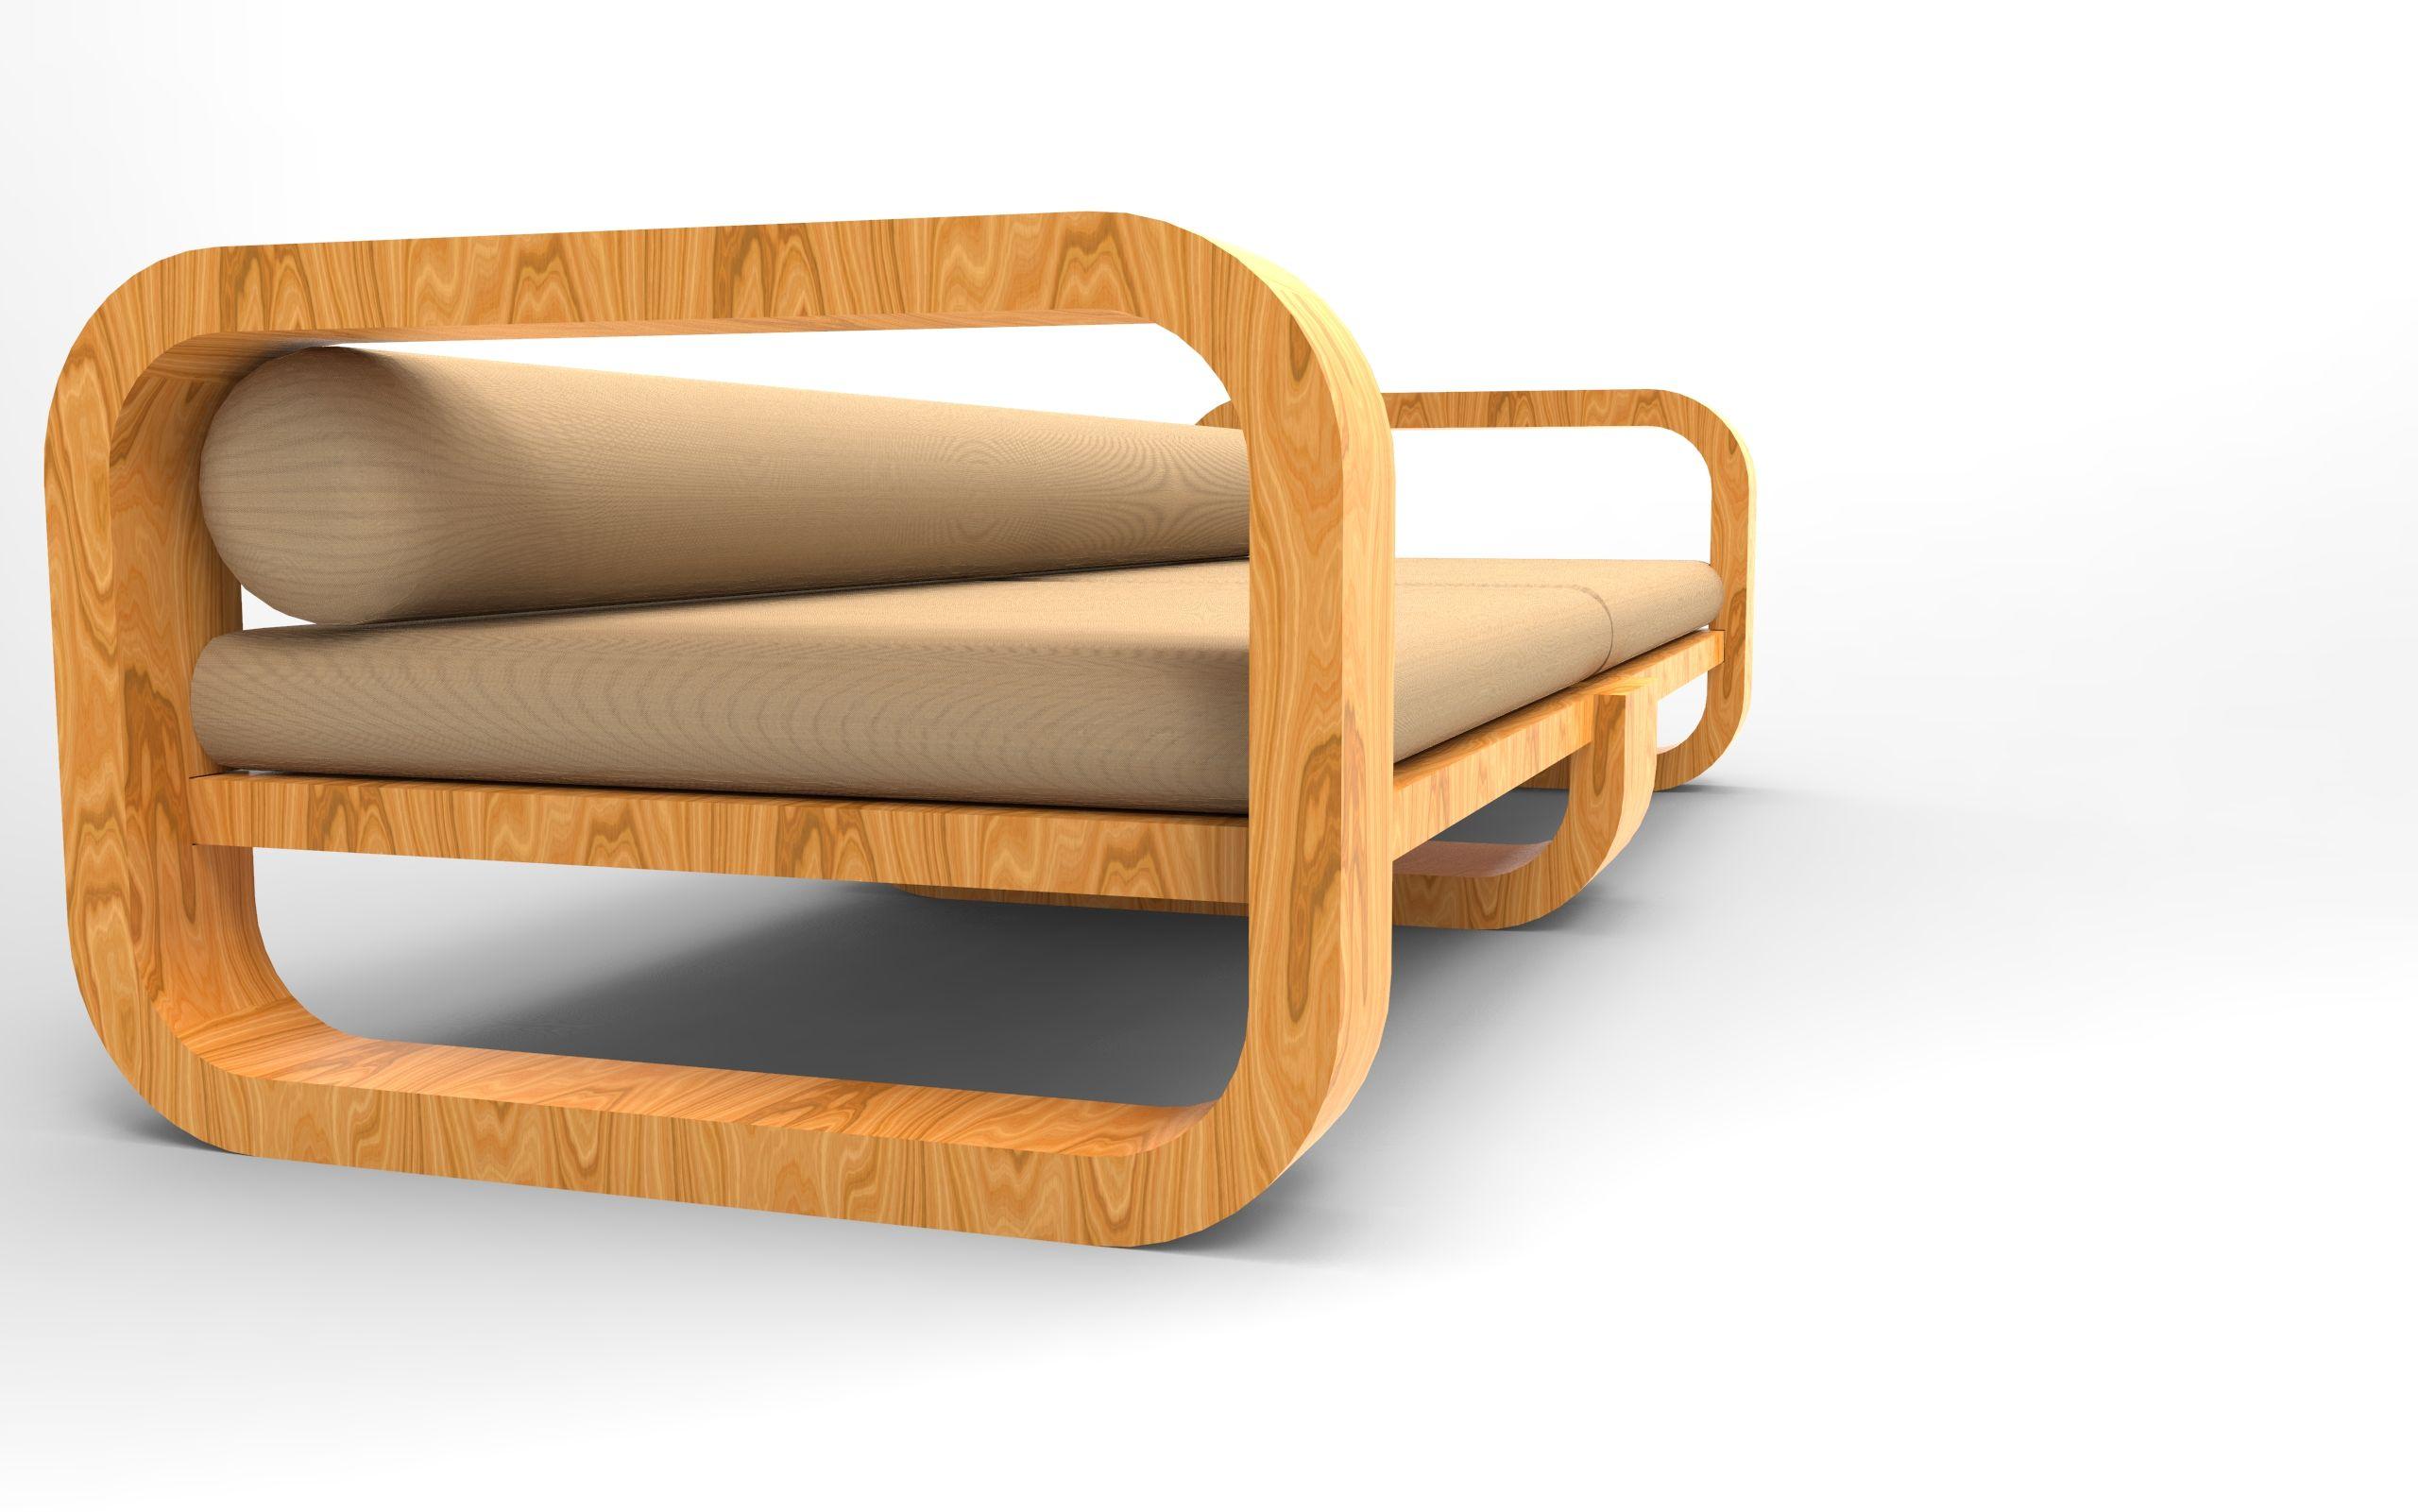 Design-life-lucas-lira-sofa-3500-3500